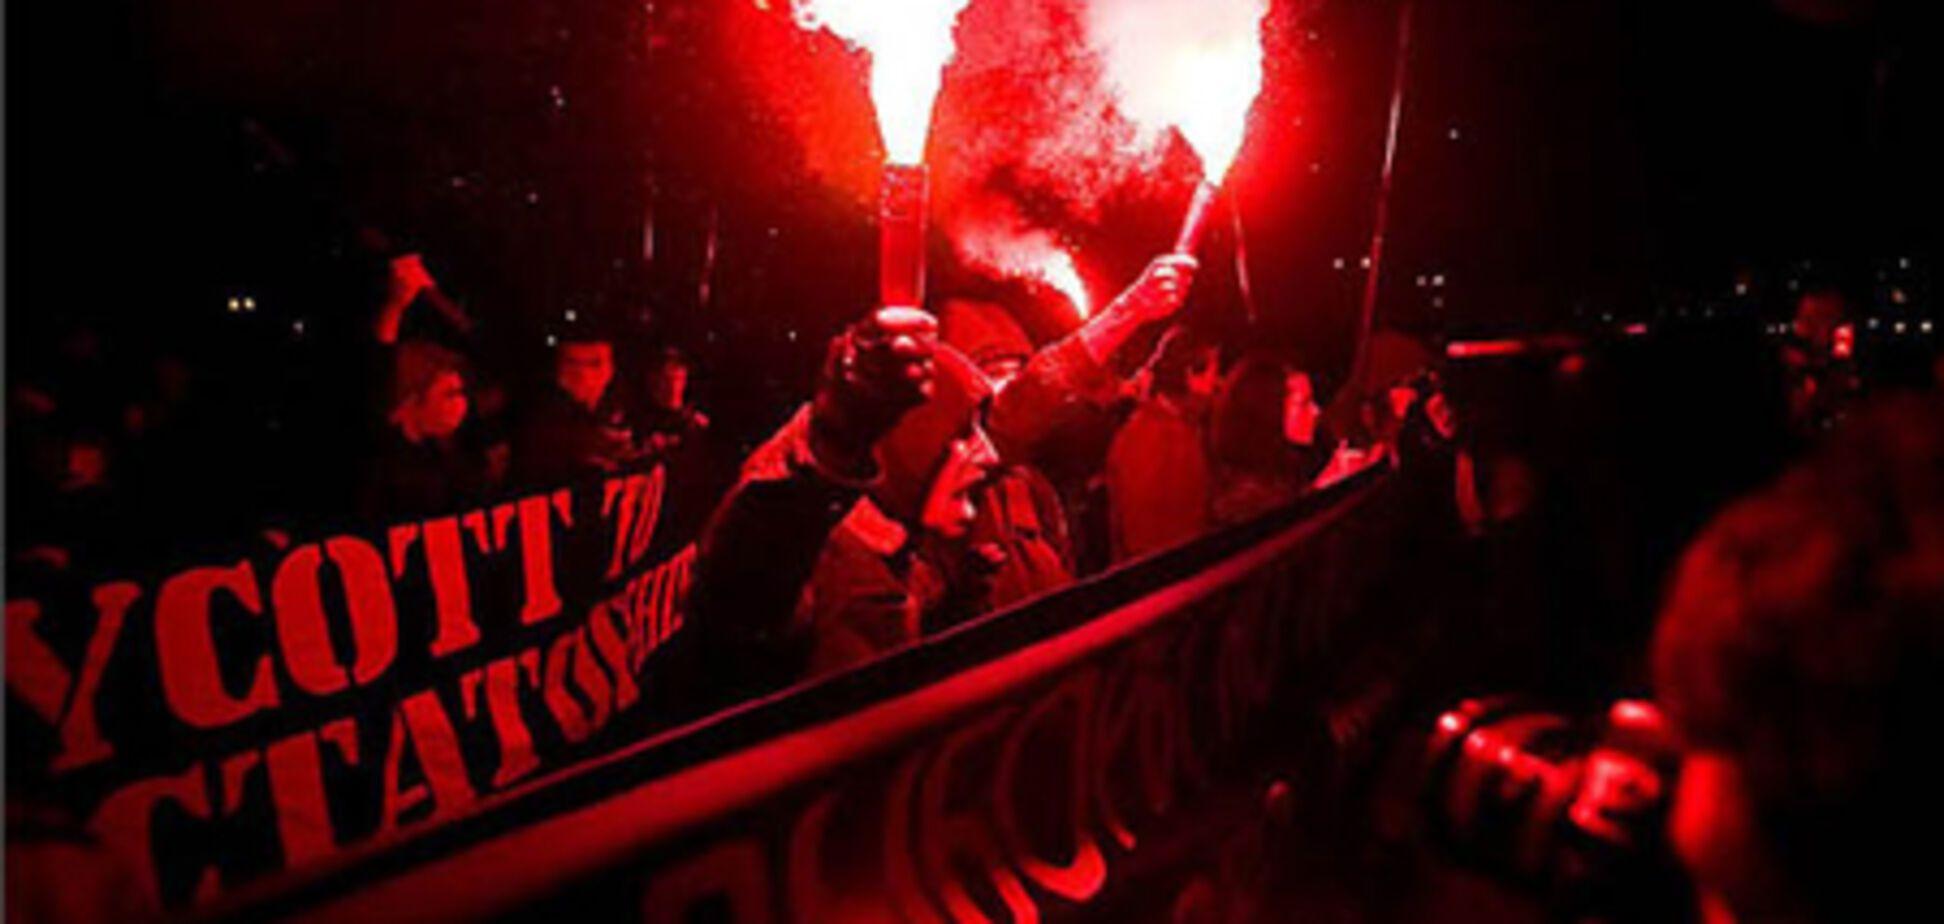 Білорусь звинуватила Польщу в організації протестів